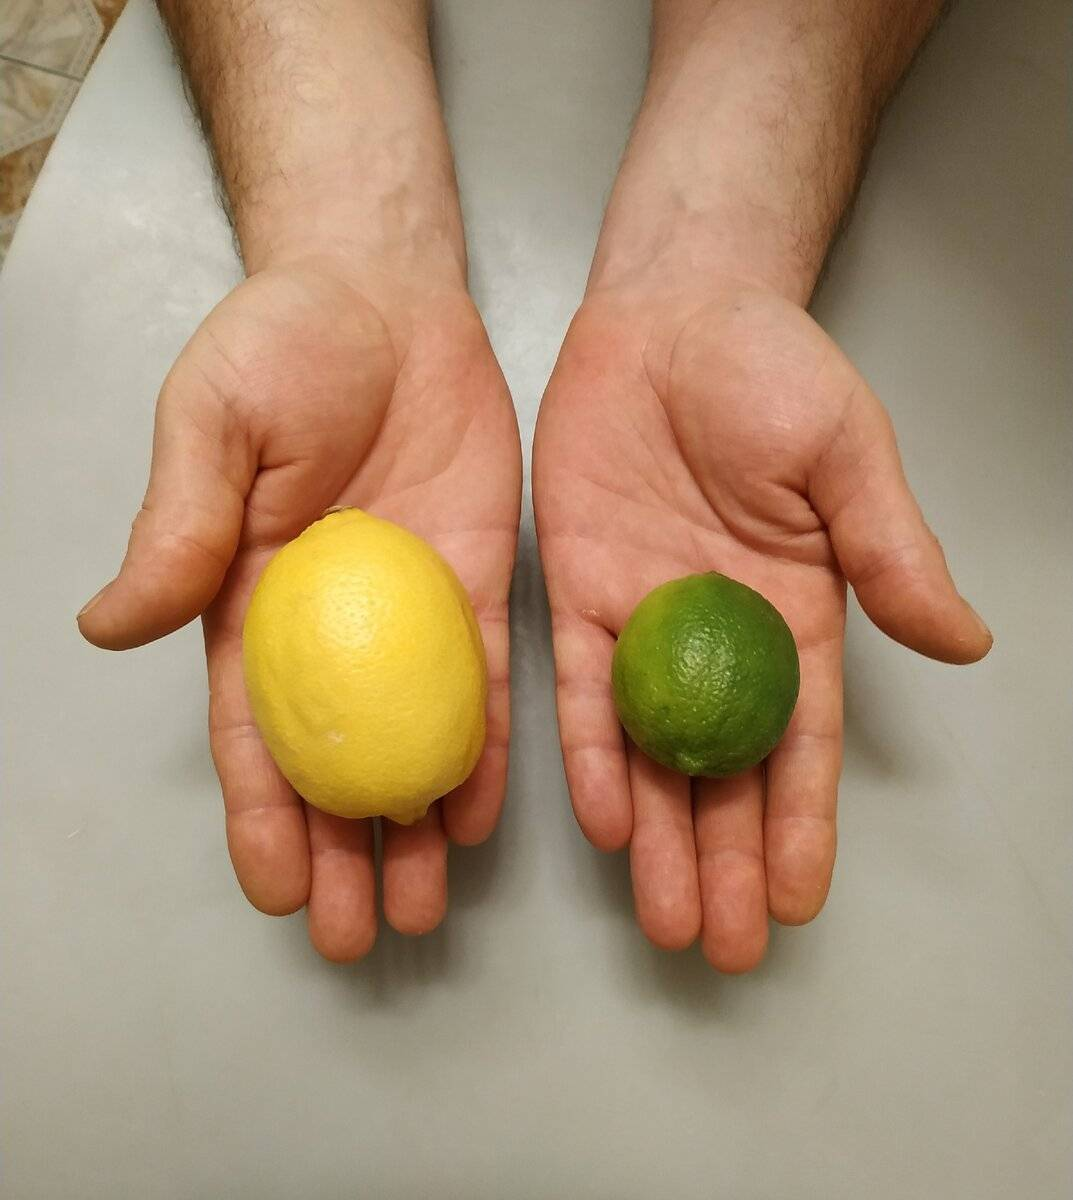 Лимон и лайм: разница цитрусов и их польза